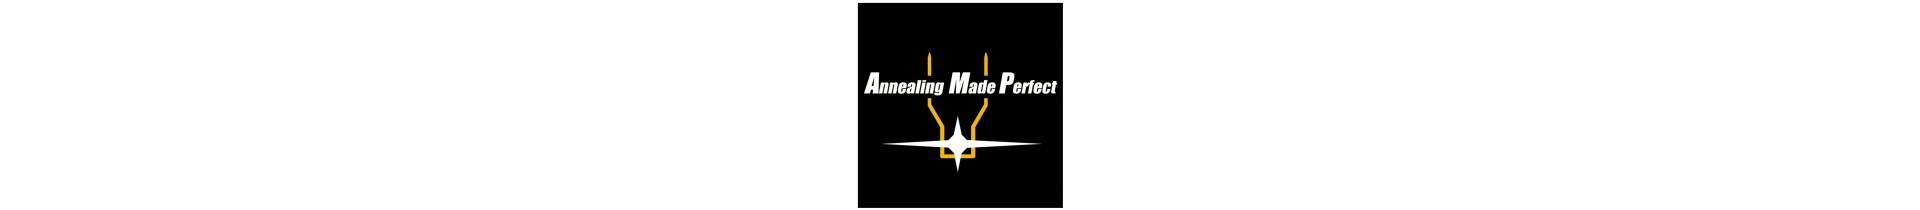 Une sélection de matériels de rechargement de la marque AMP Annealing Made Perfect sur Tactirshop